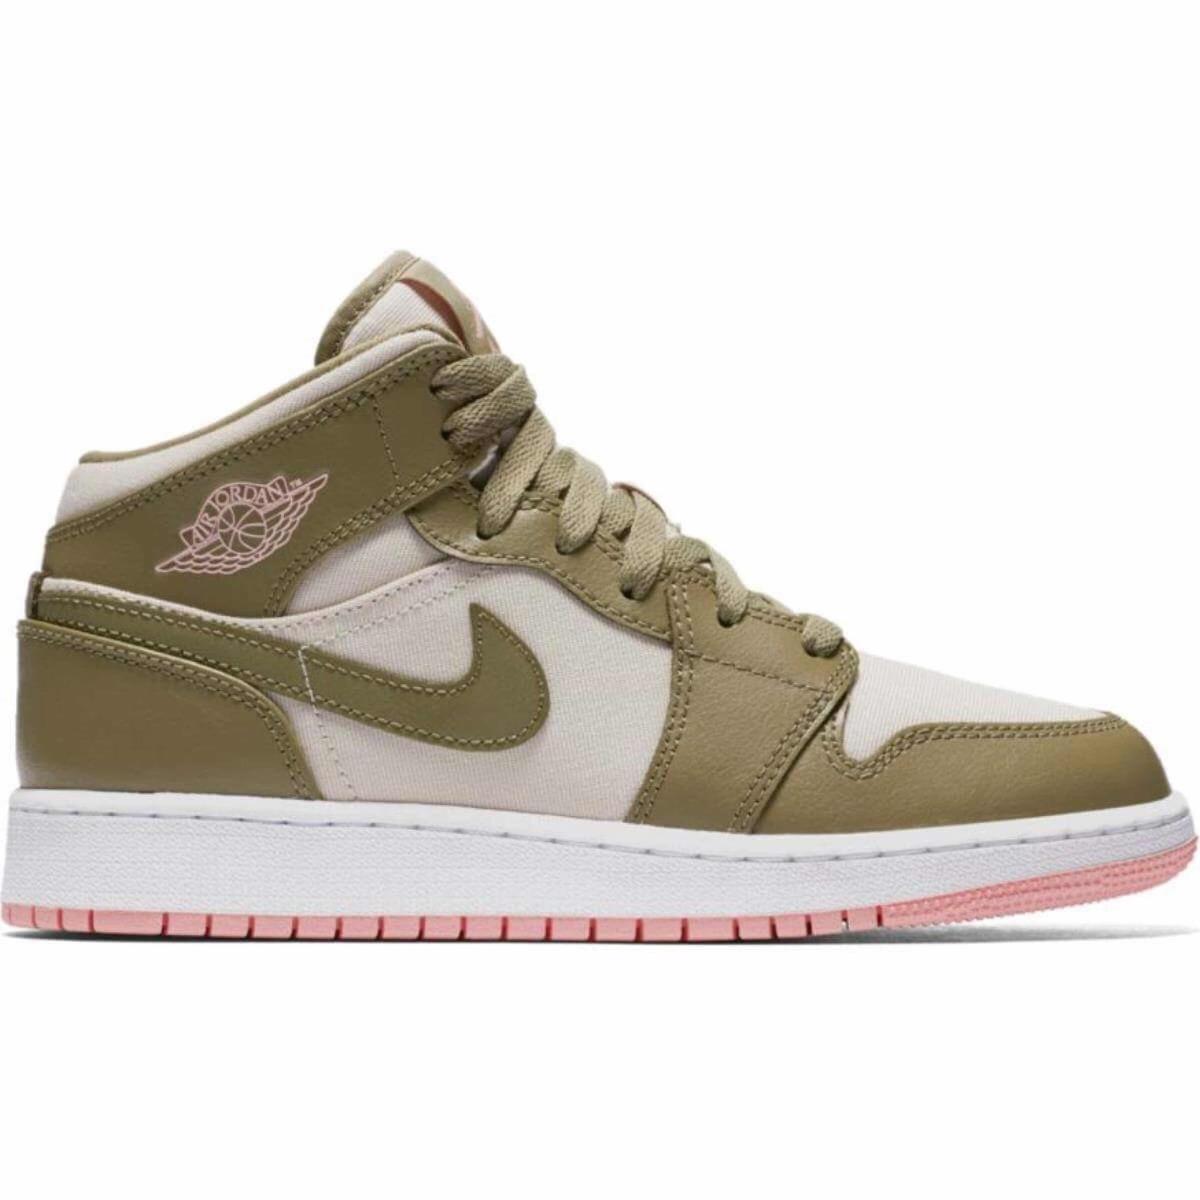 f363b906fac83 tenis air jordan retro 1 mujer original sneaker casual. Cargando zoom.